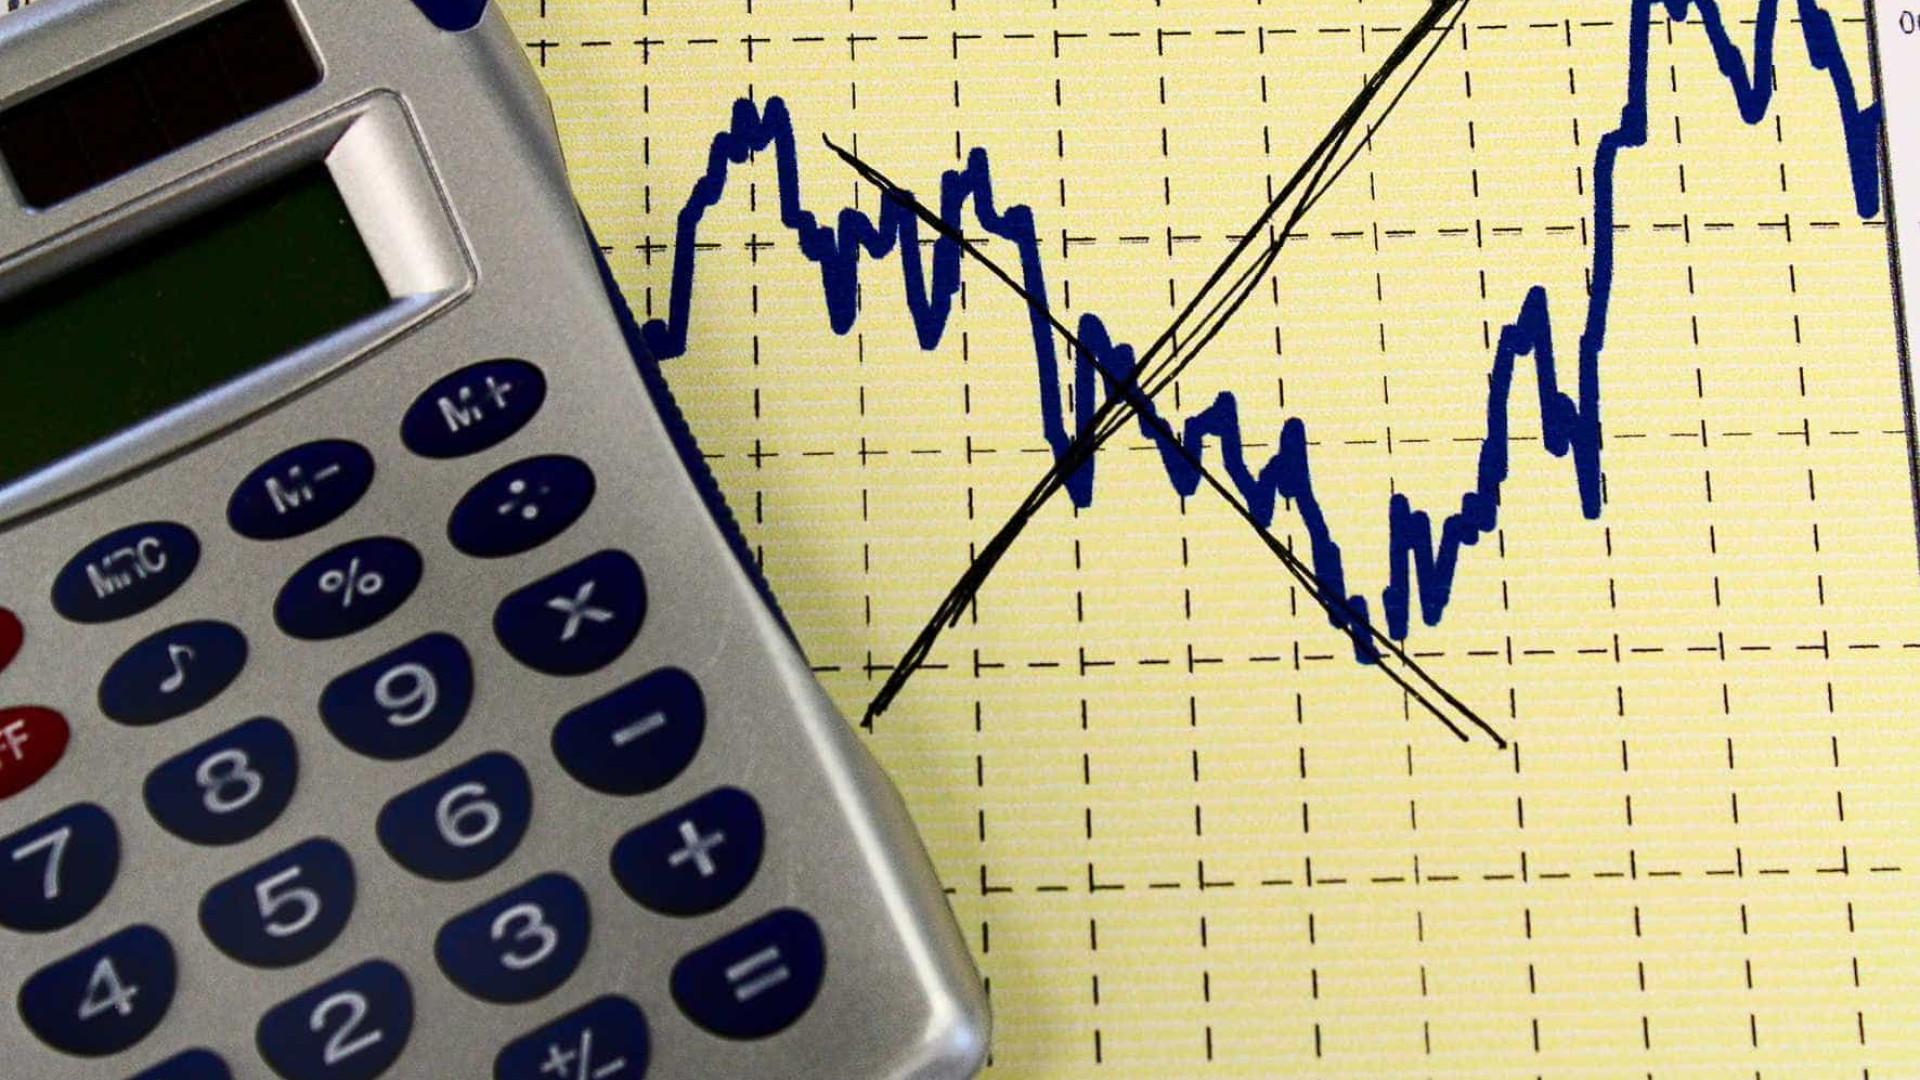 Tomar riscos agora seria fazer apostas, diz banqueiro Roberto Setubal